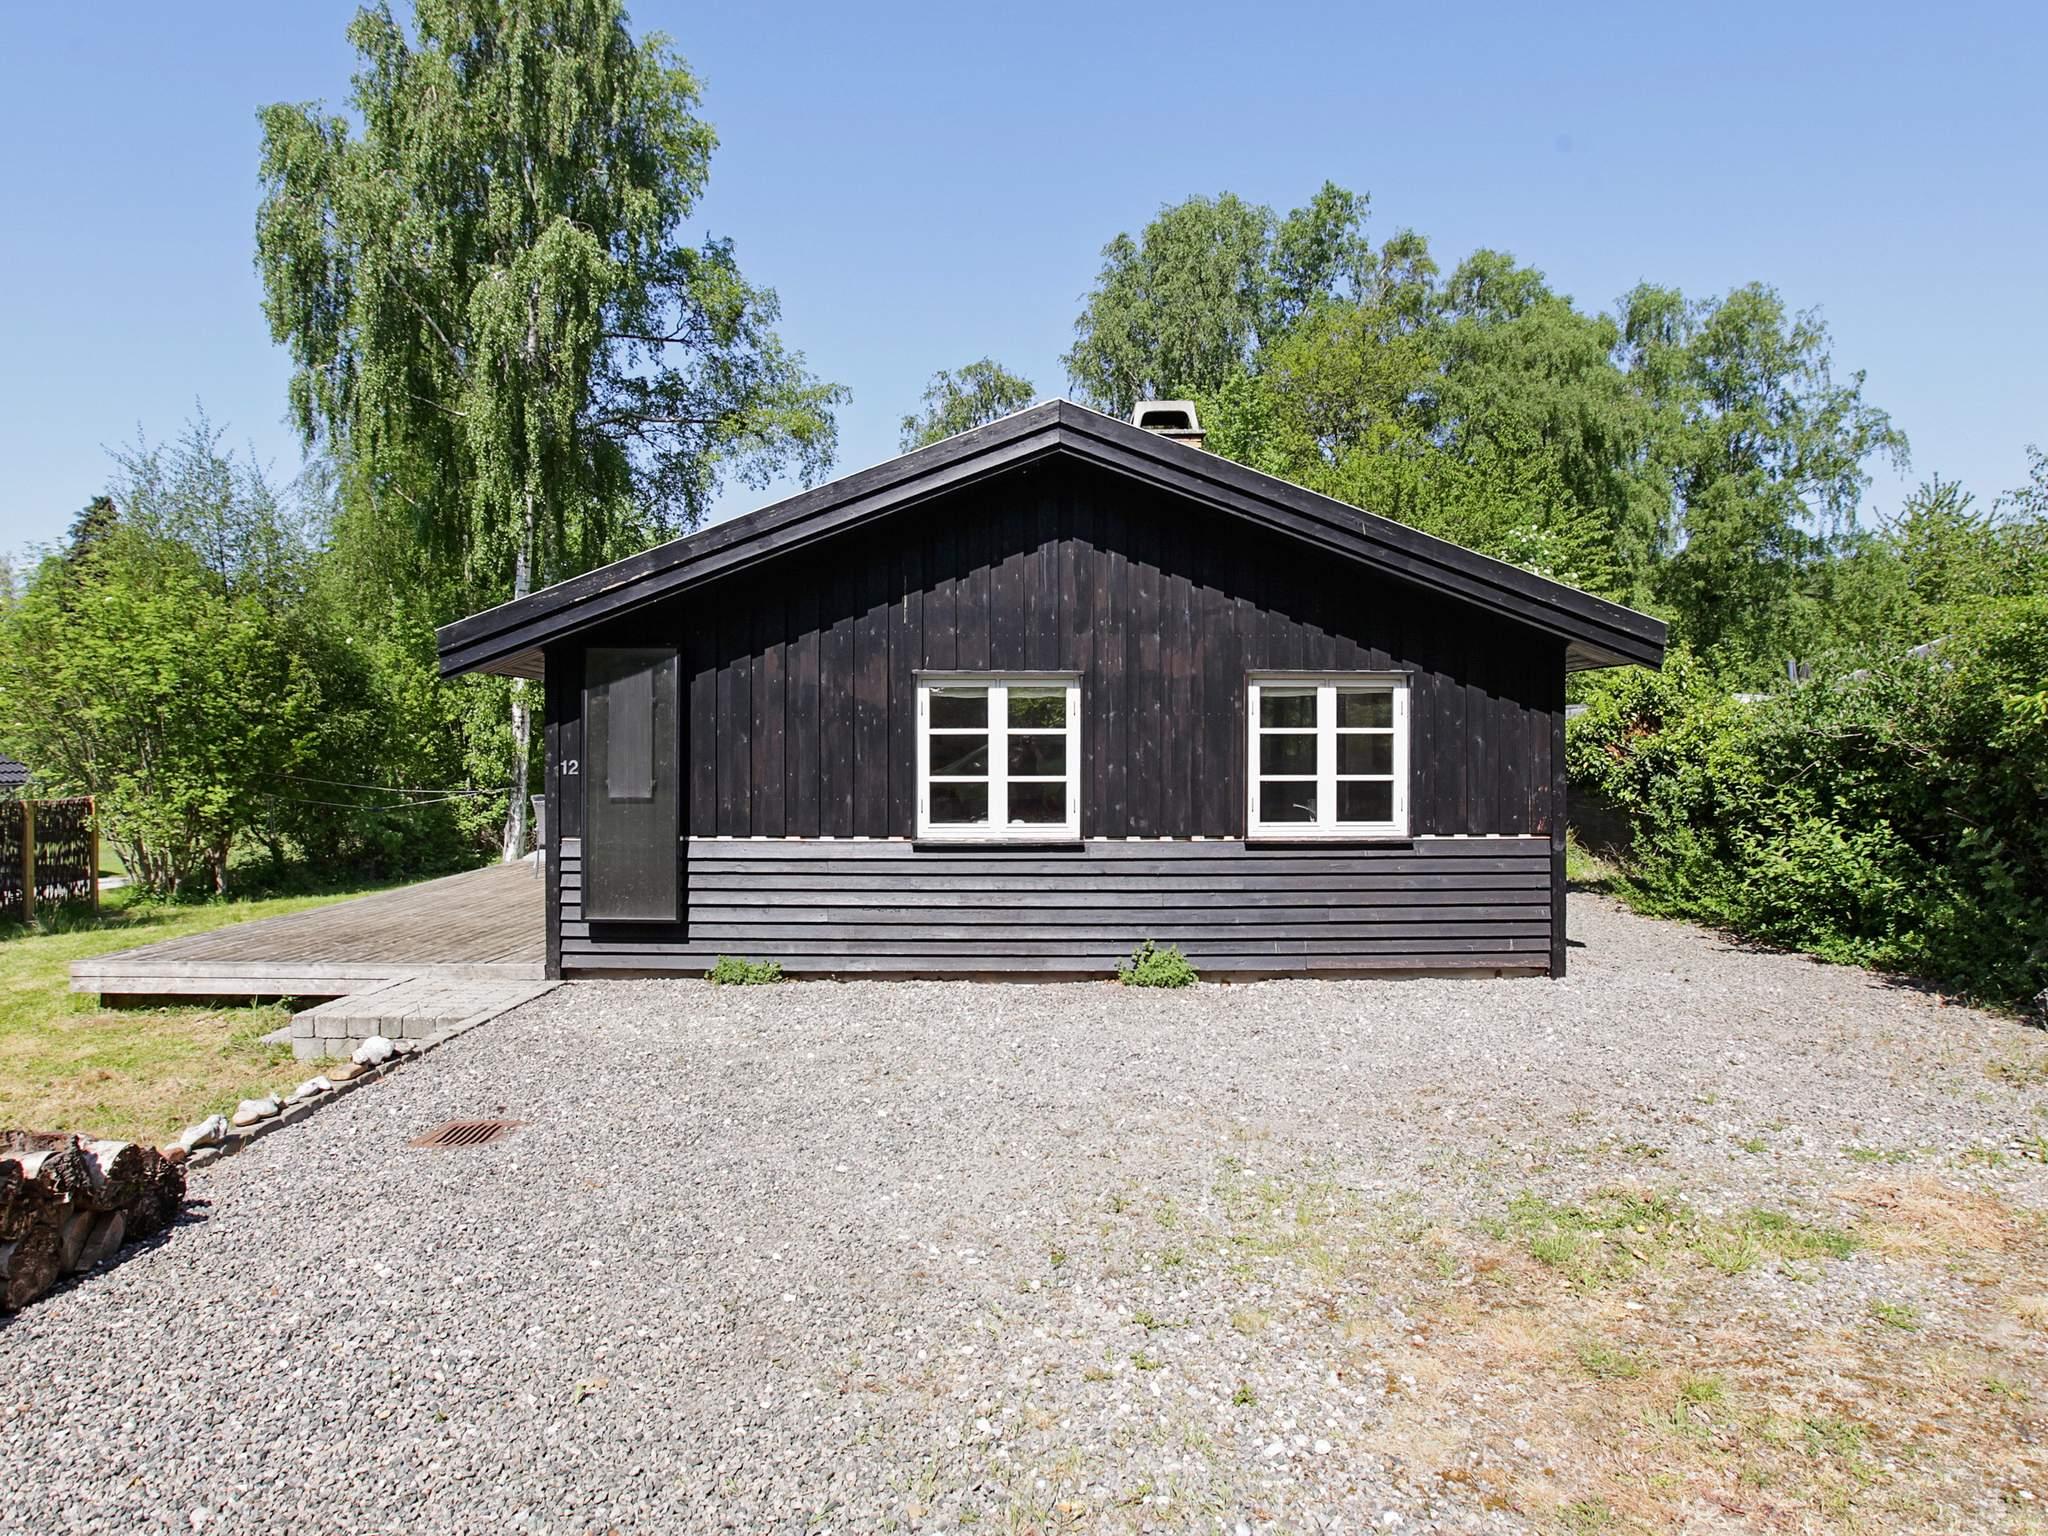 Ferienhaus Udsholt Strand (2417490), Udsholt, , Nordseeland, Dänemark, Bild 15